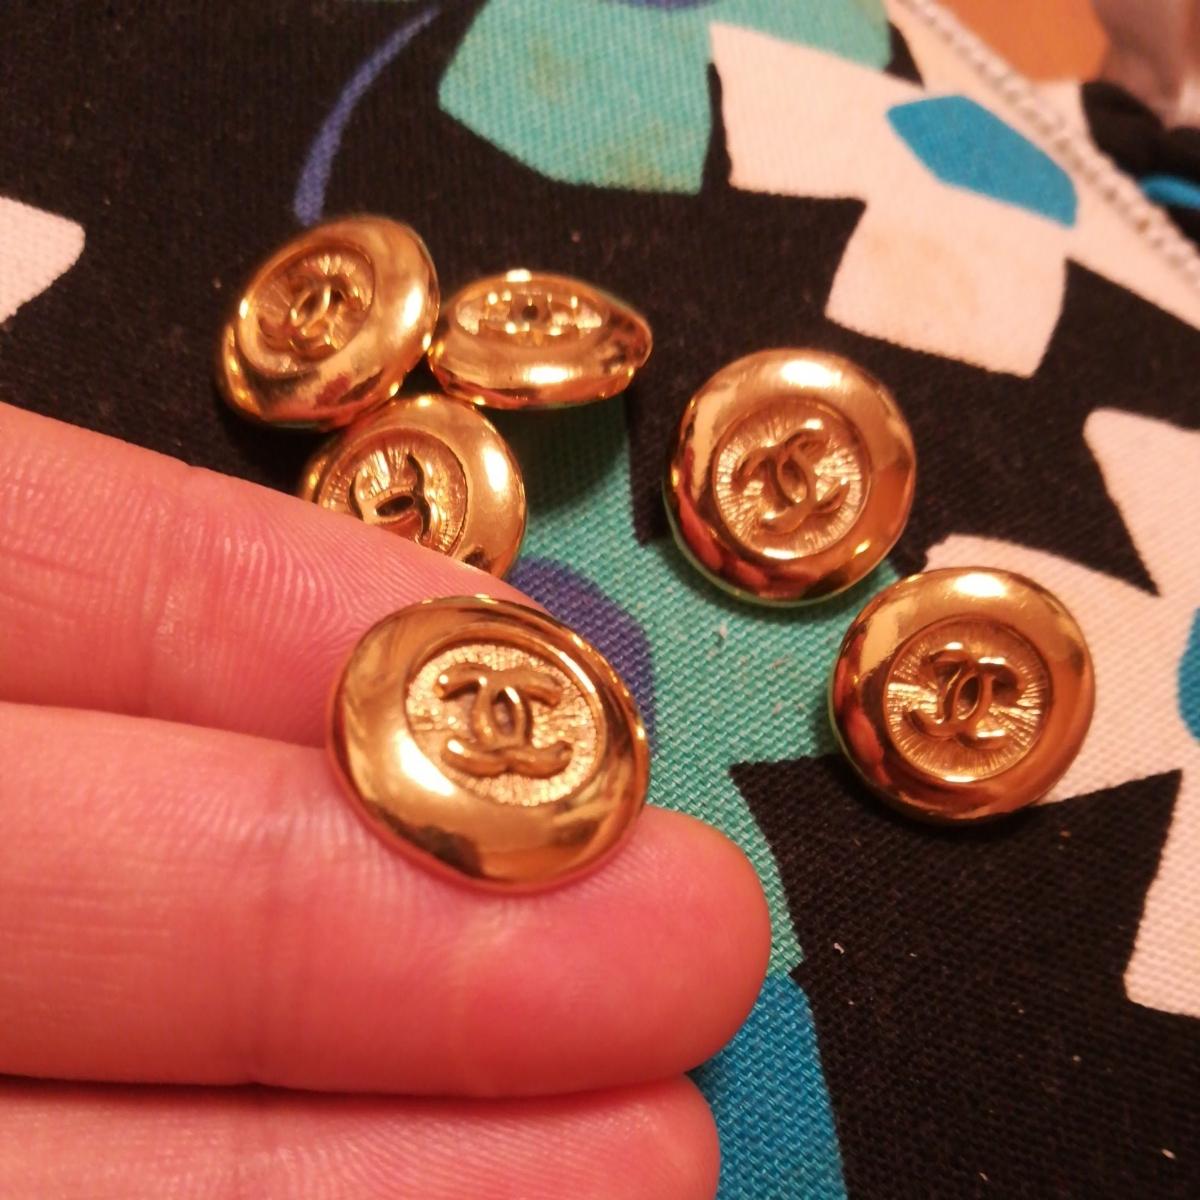 同梱可能 正規品chanel ゴールド ボタン 6個のセット 未使用 サイズ1.6cm_画像2